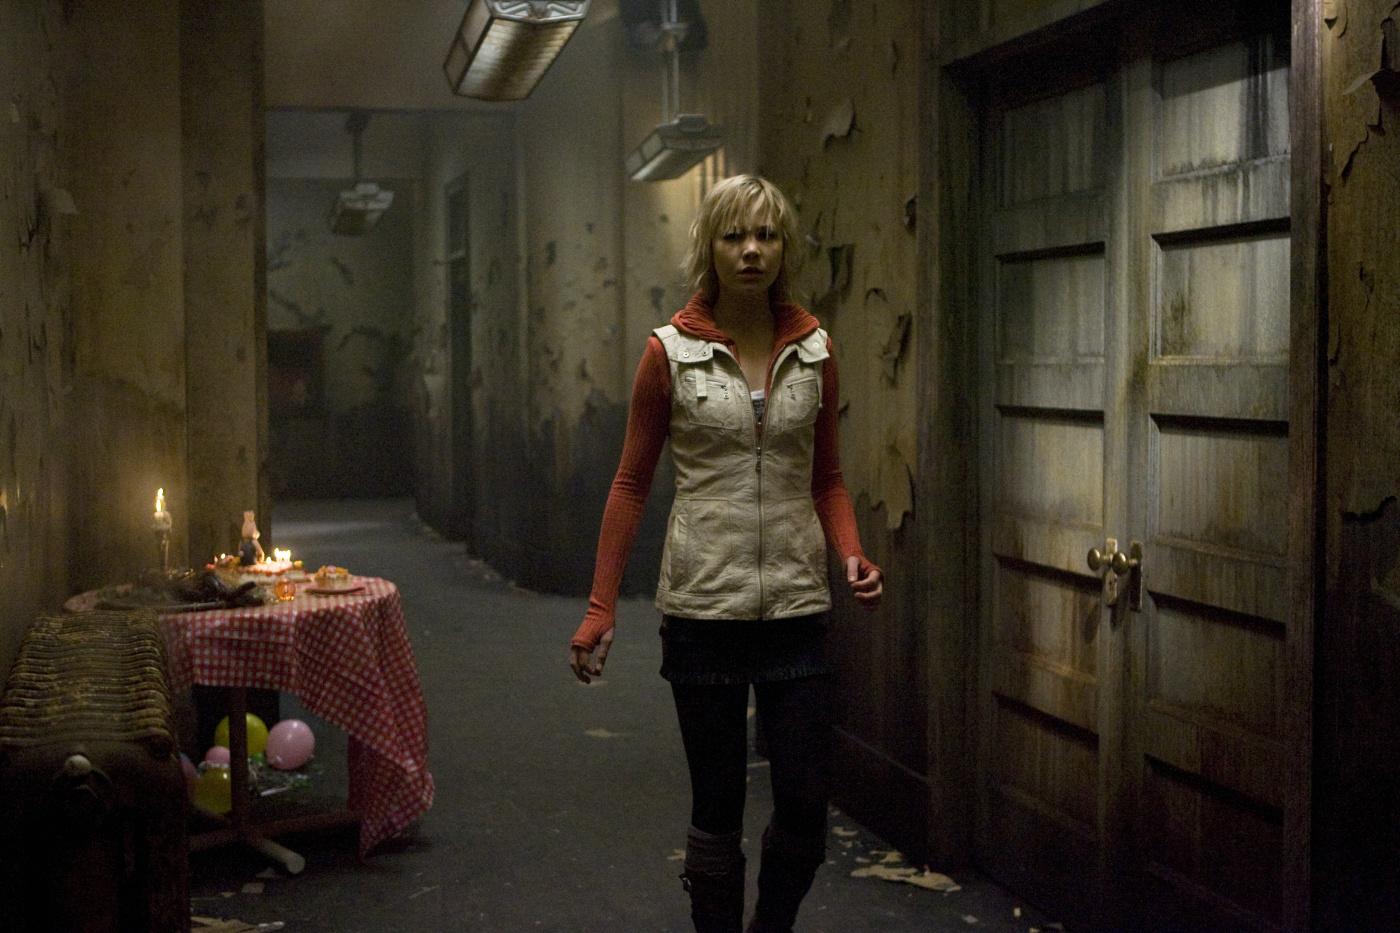 фото из фильма сайлент хилл